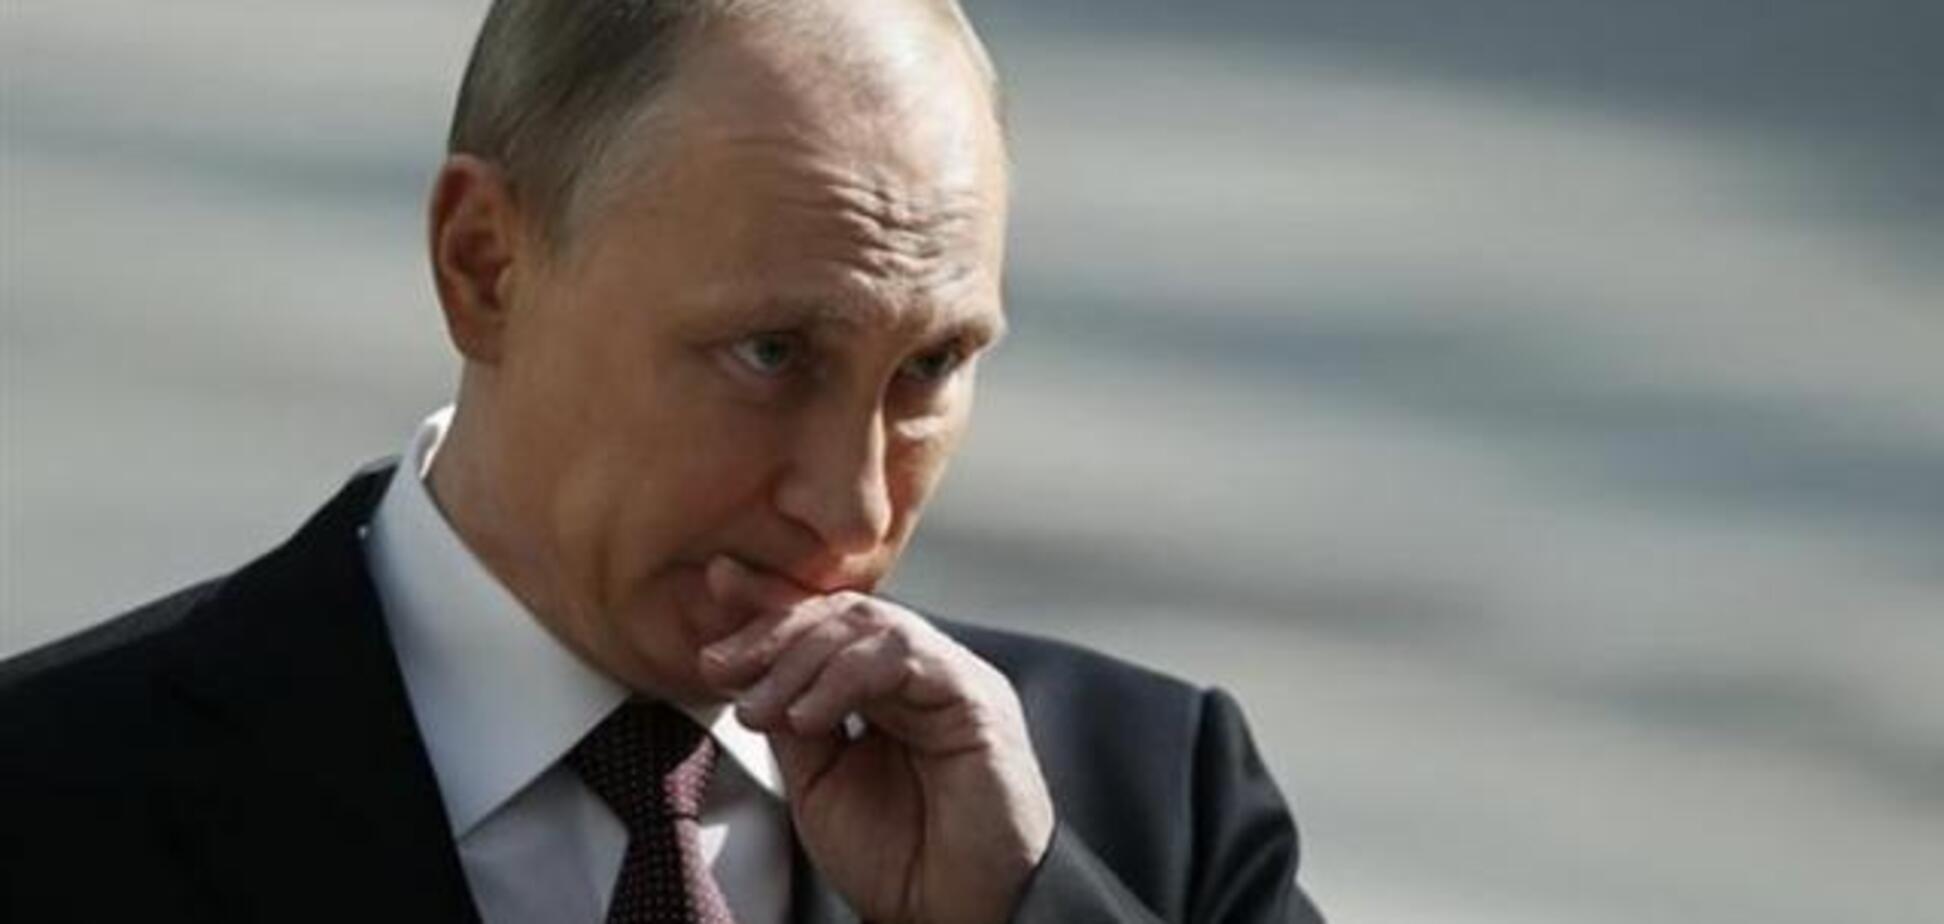 ''Путін має заплатити'': євродепутат сказав, як покарати Росію за агресію проти України